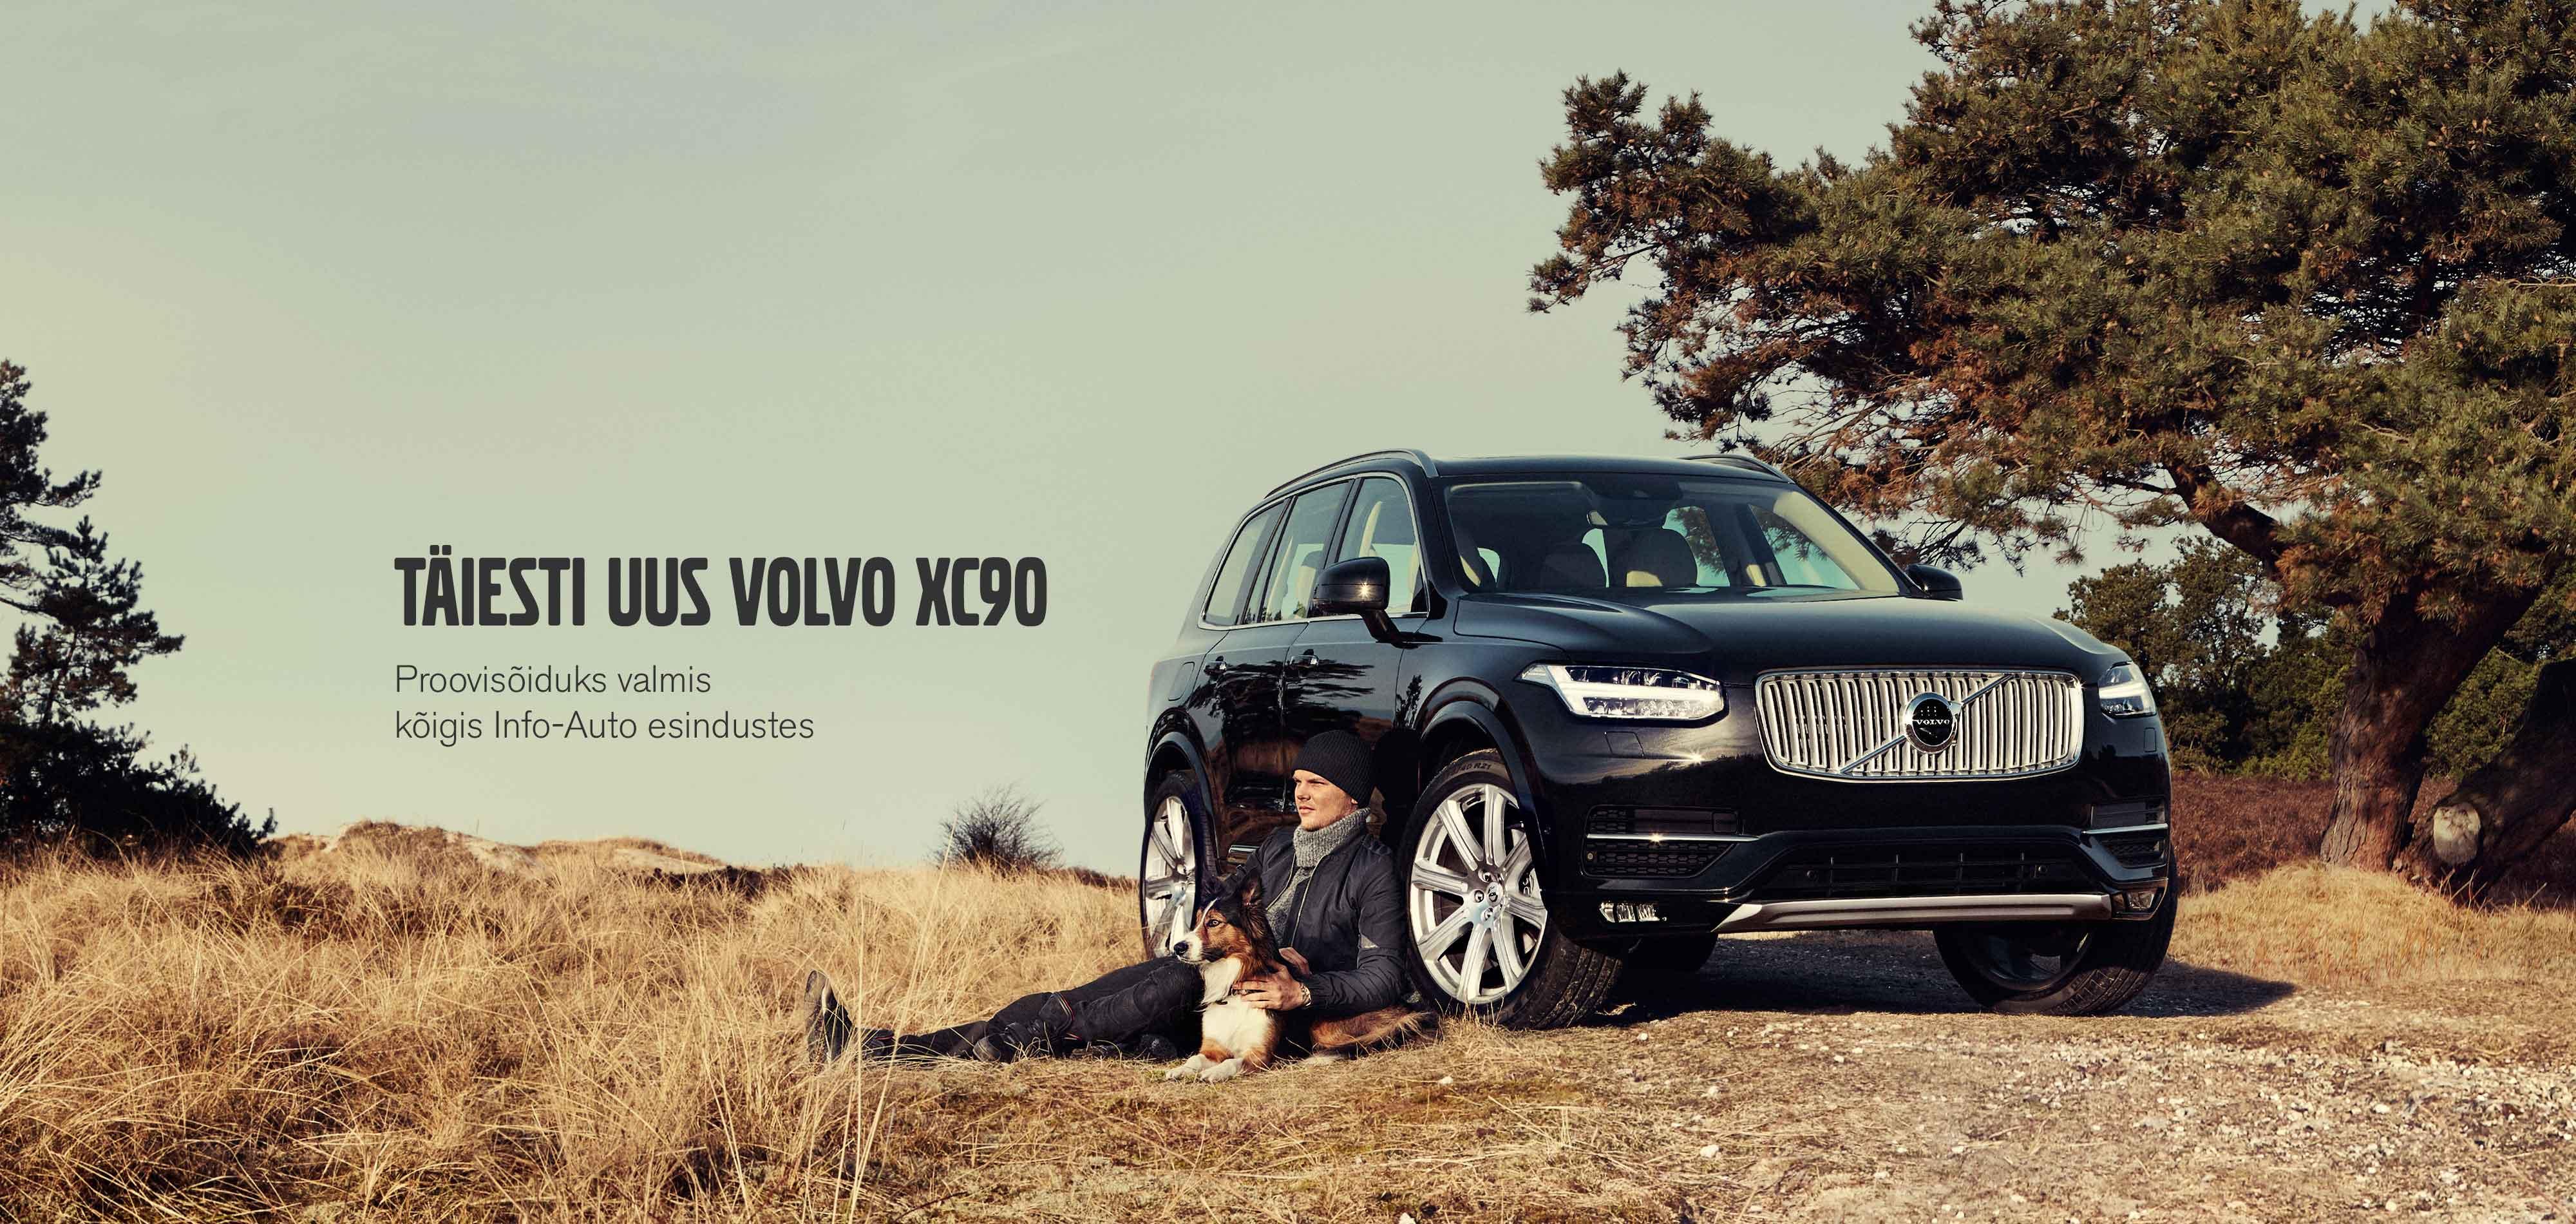 Täiesti uus Volvo XC90